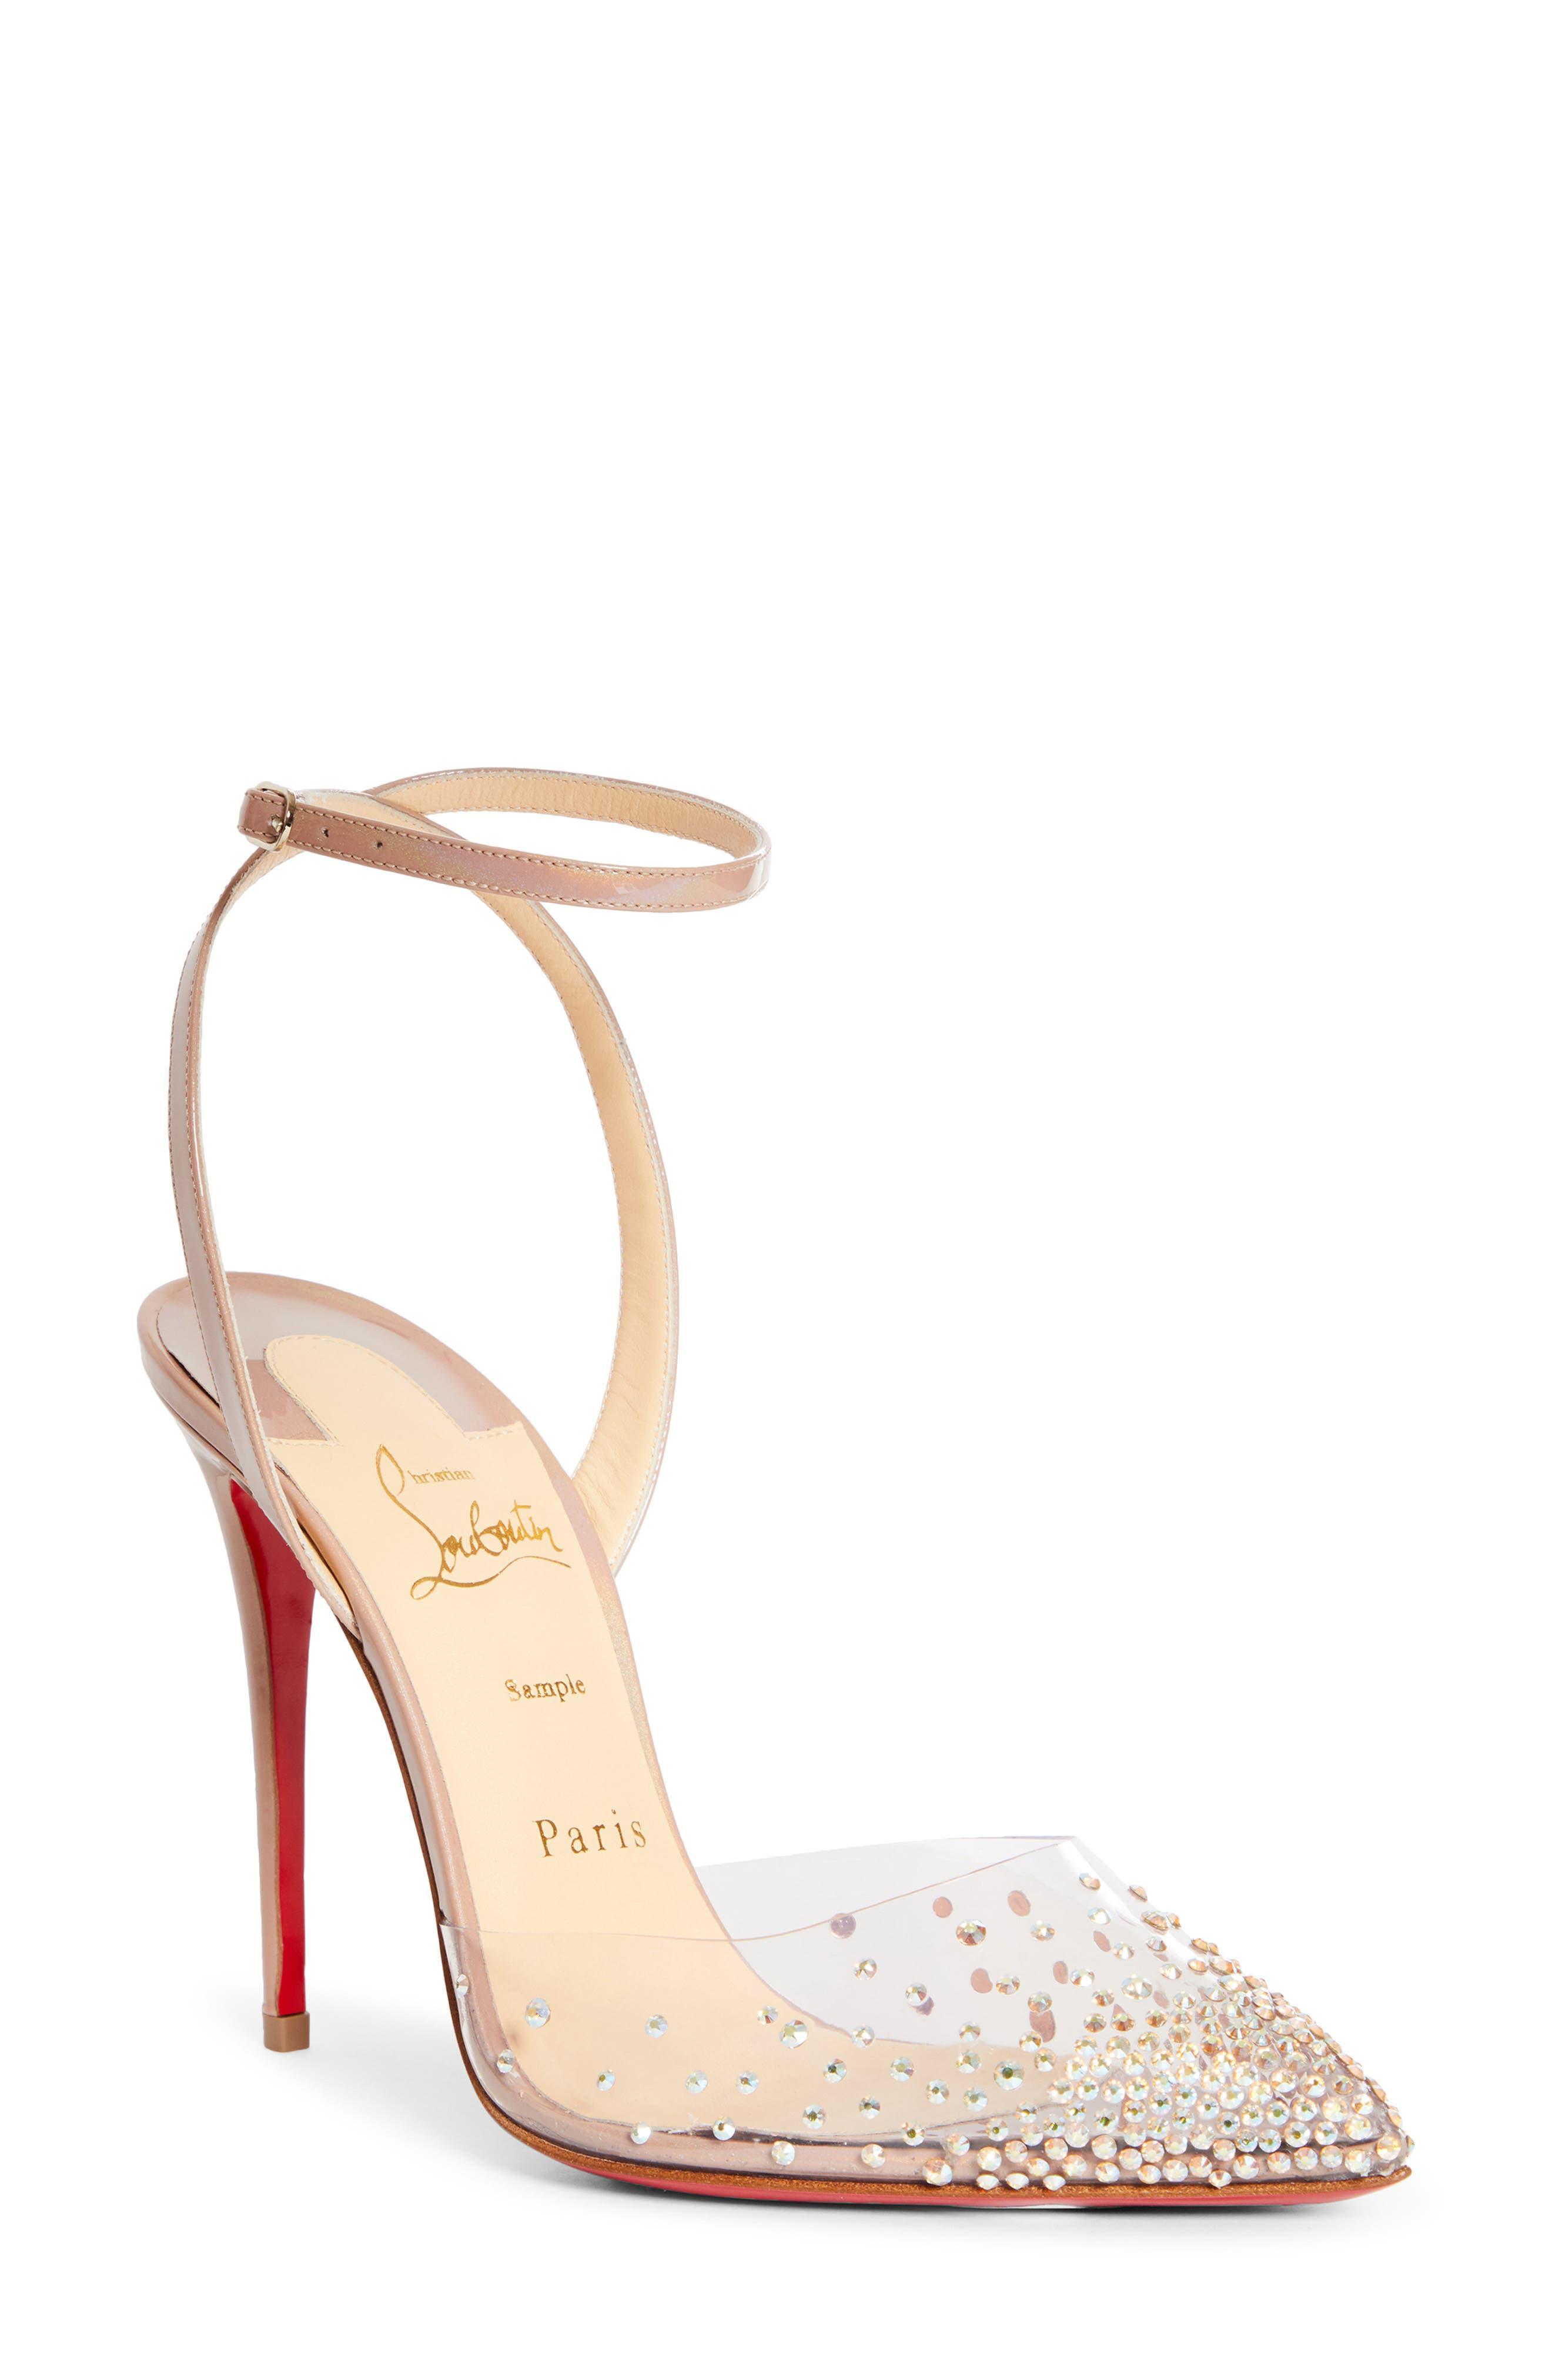 Crystal High Heels Sandals 11.5 cm Women Zipper Glitter Cross Sandals Bling Chic Pump Woman Shoes,Green,9